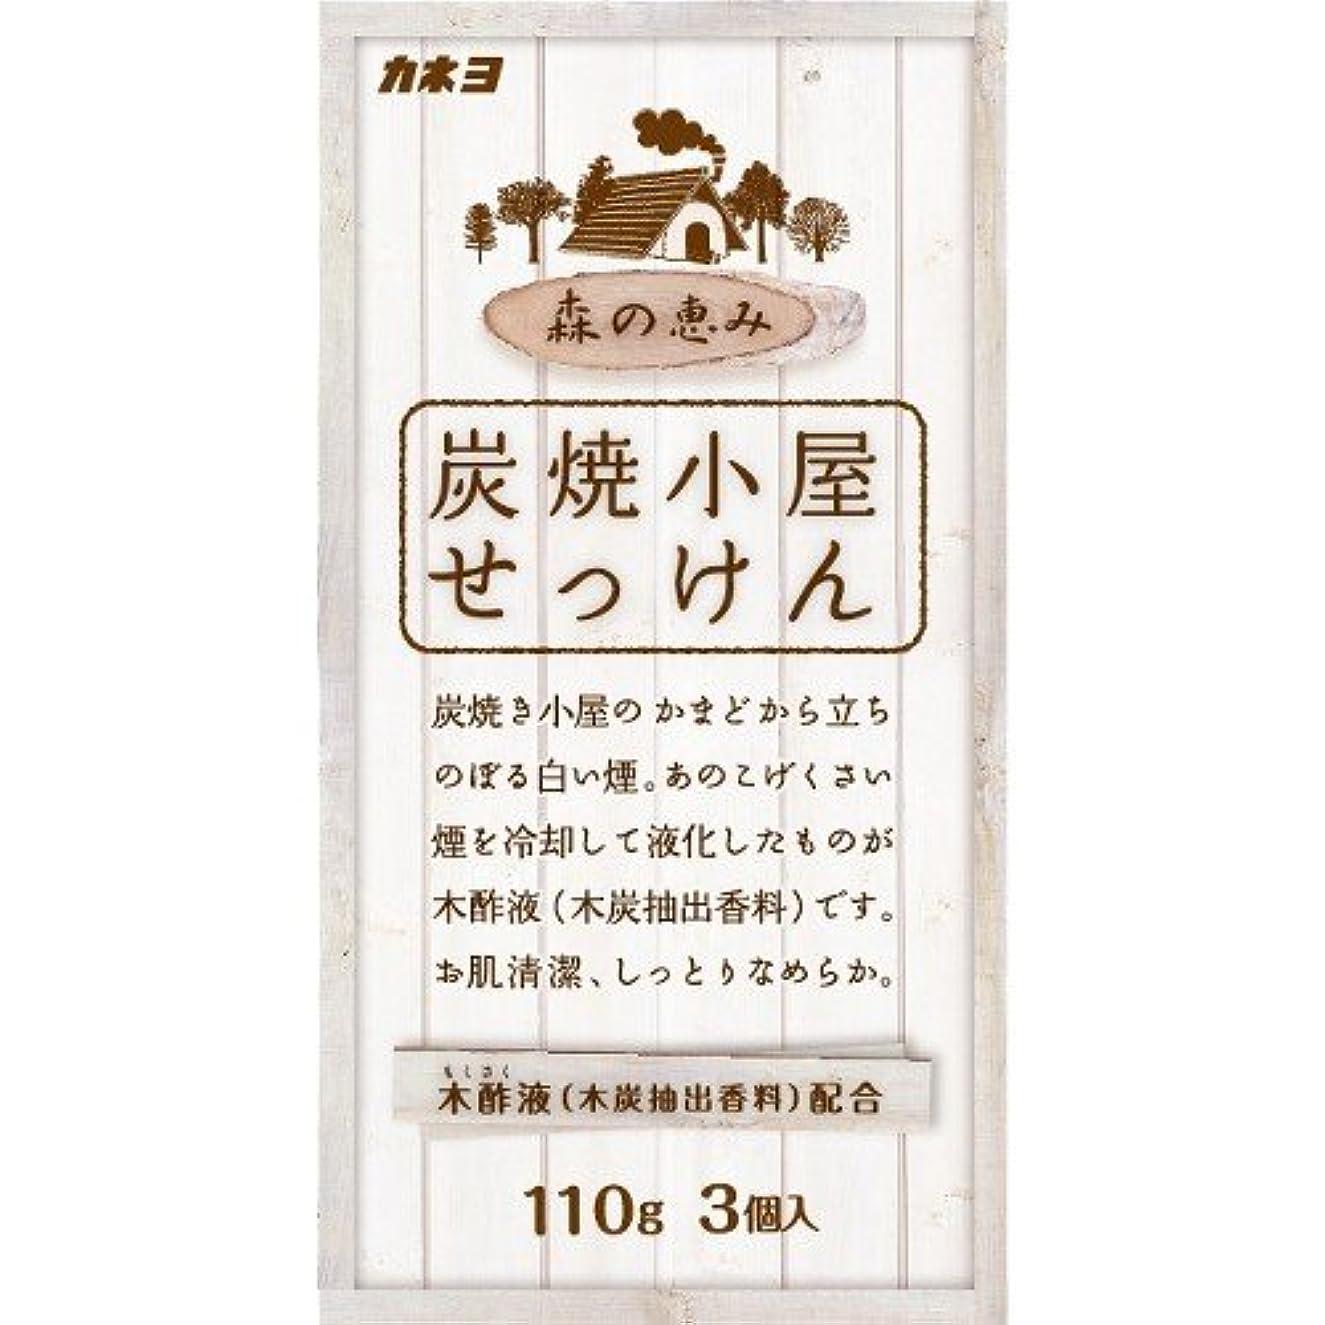 上に周術期免除カネヨ石鹸 炭焼小屋 化粧石けん 110g×3個入